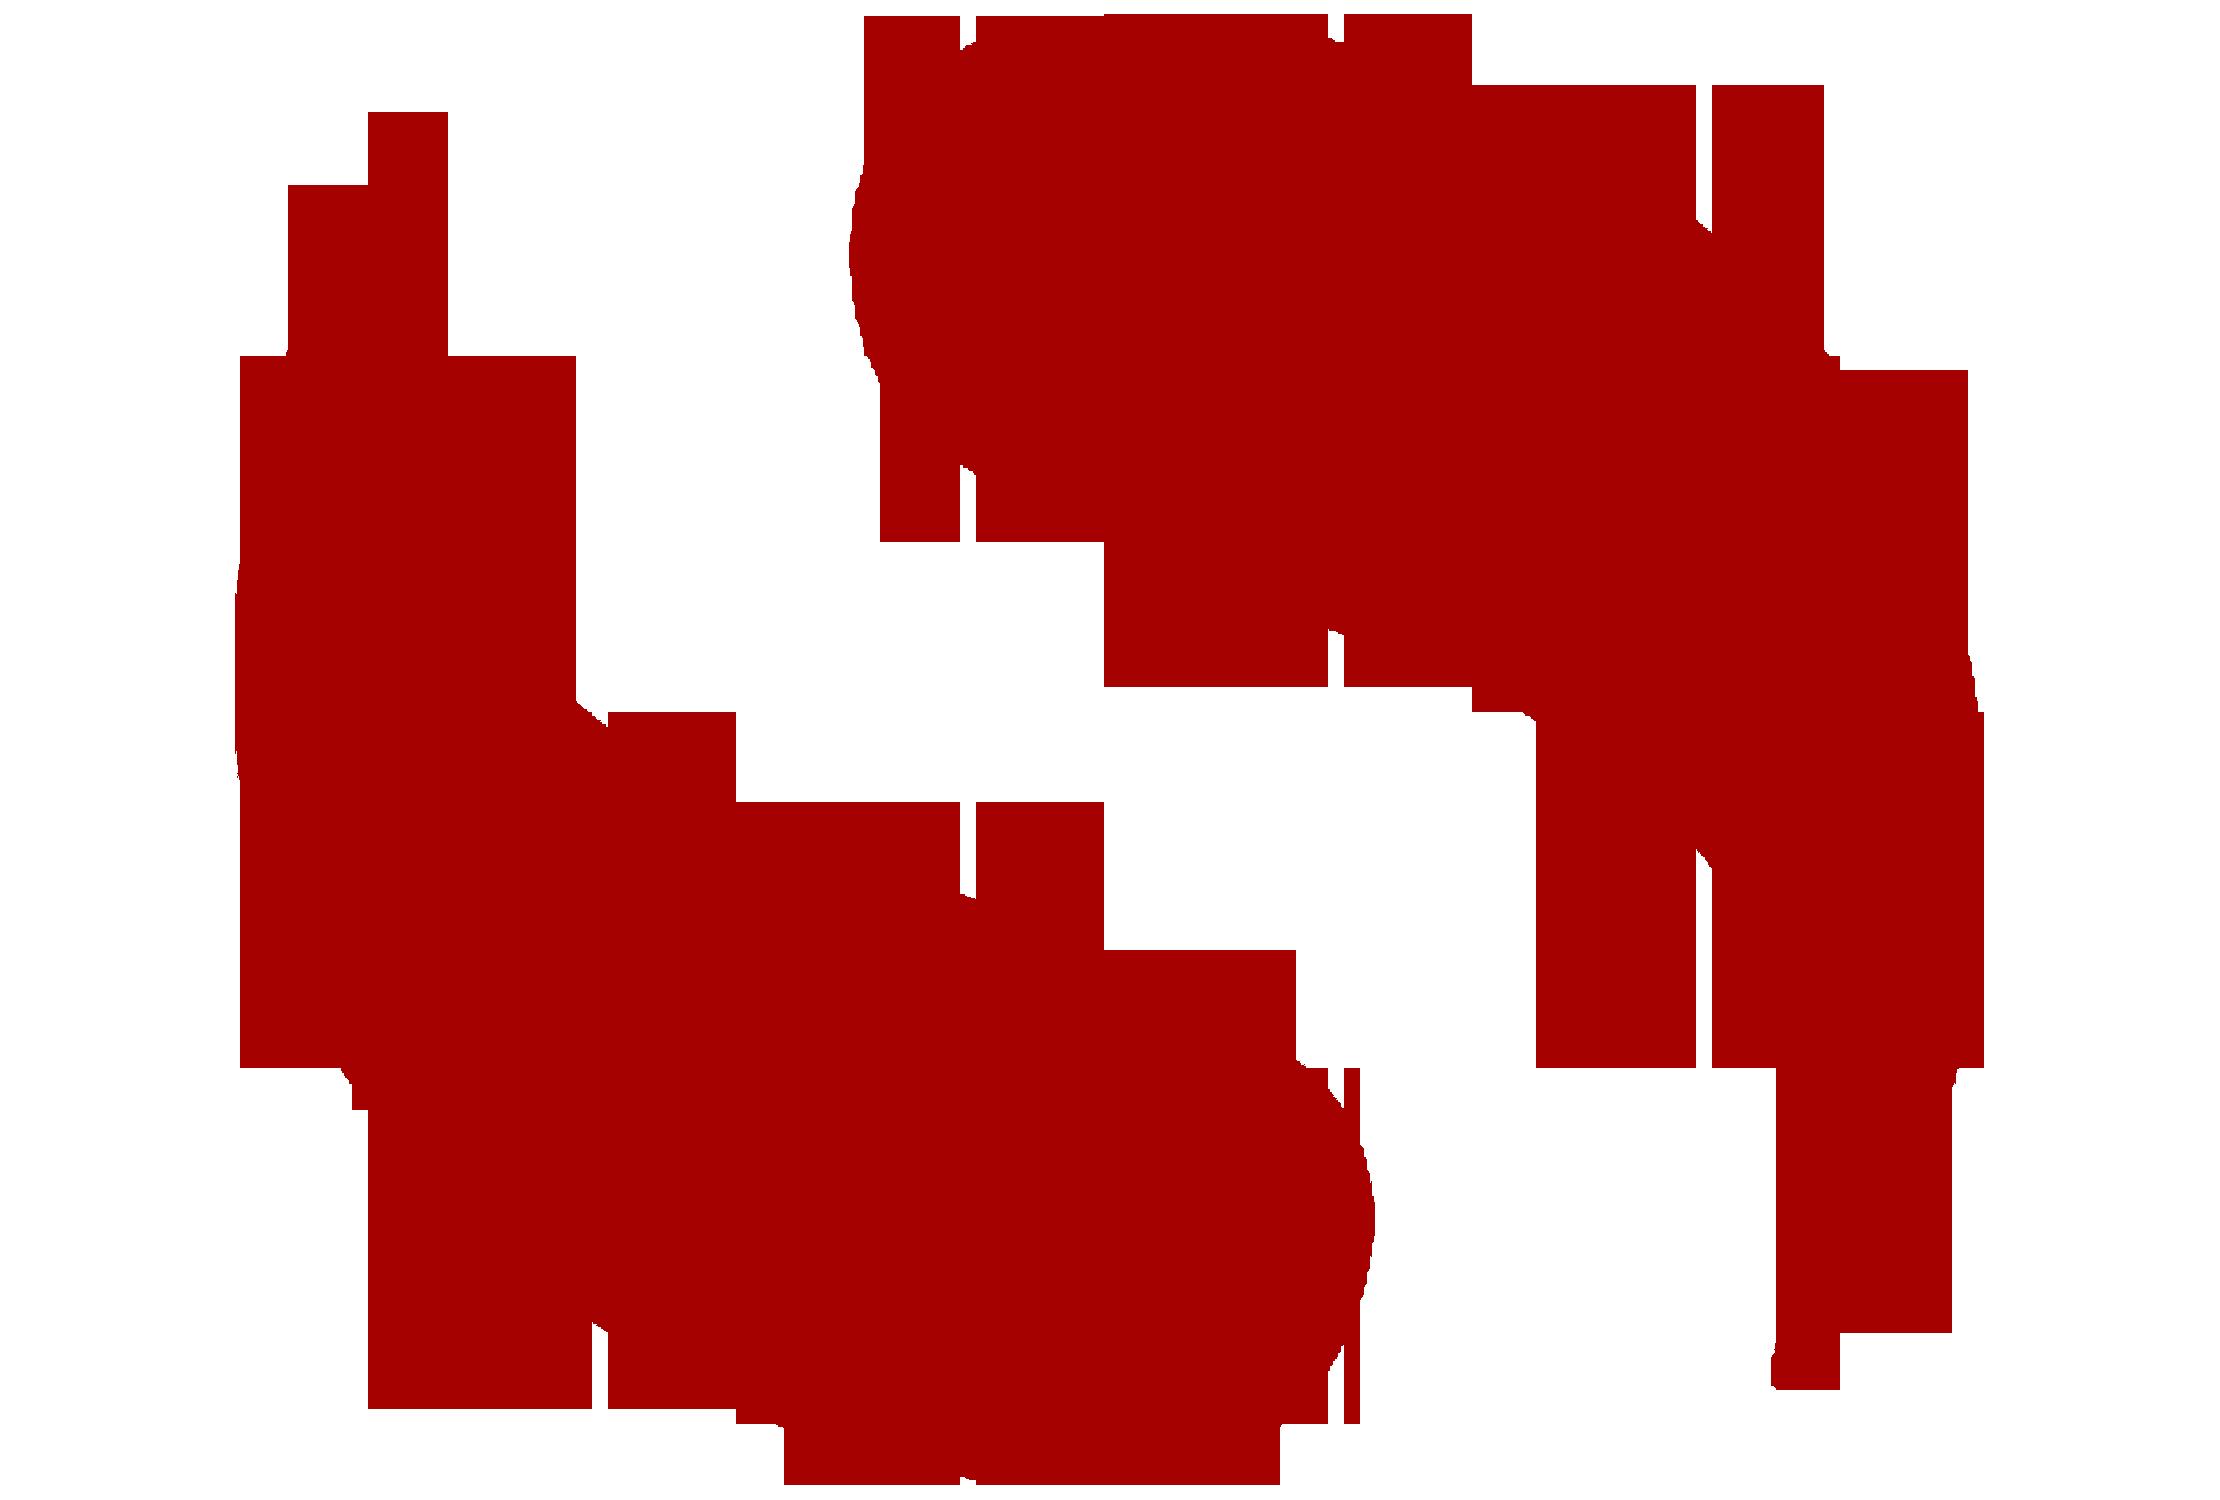 large 'S' logo